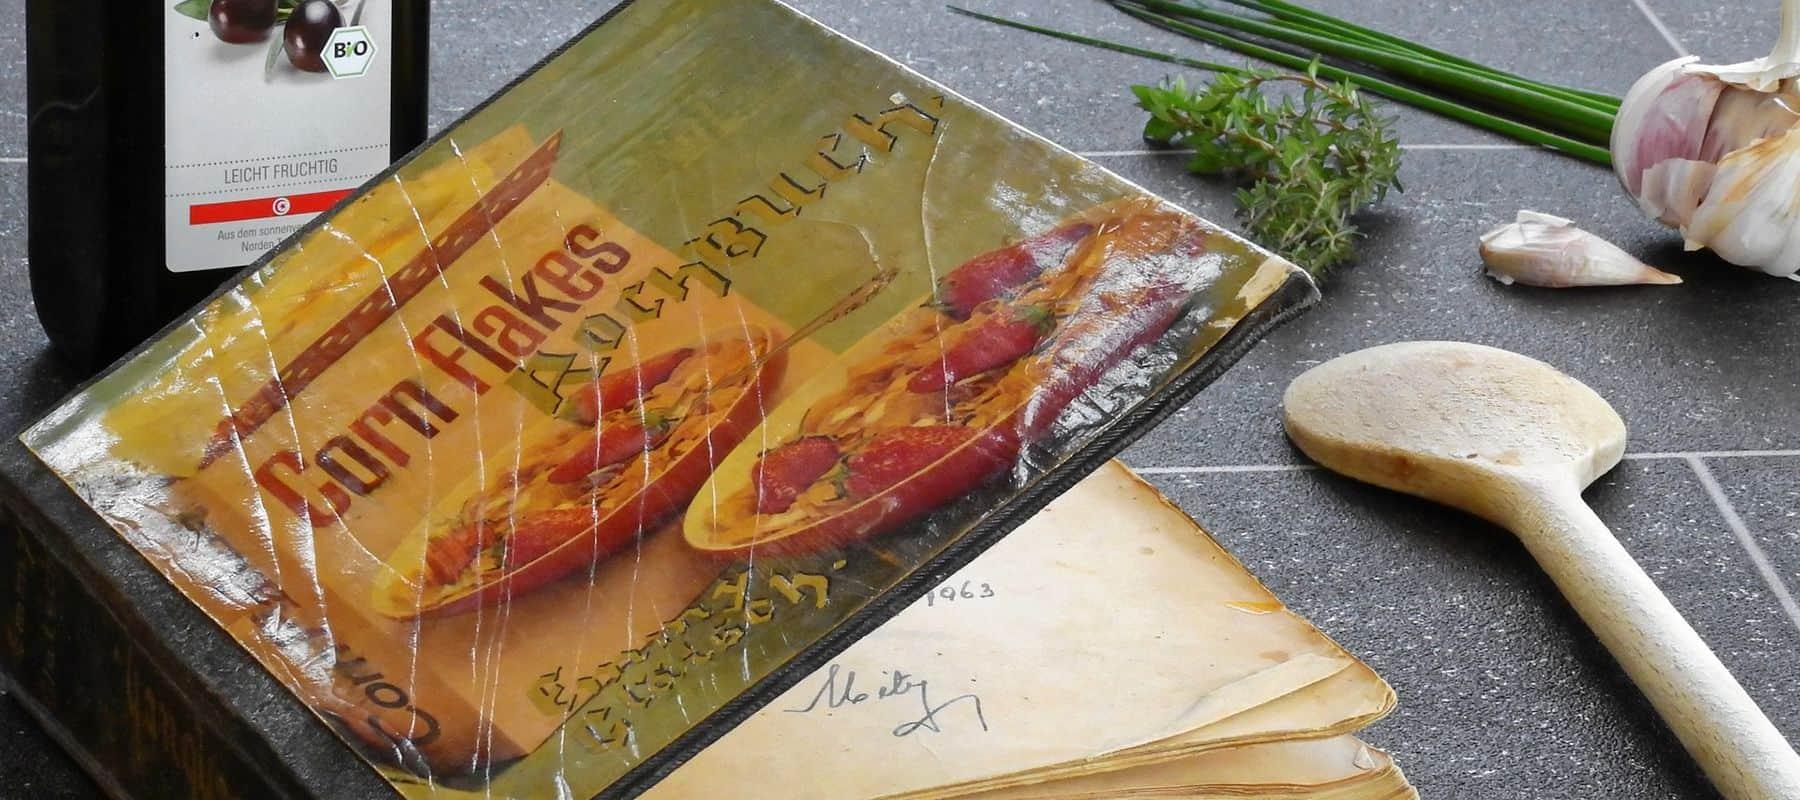 Rezept- & Kochbücher